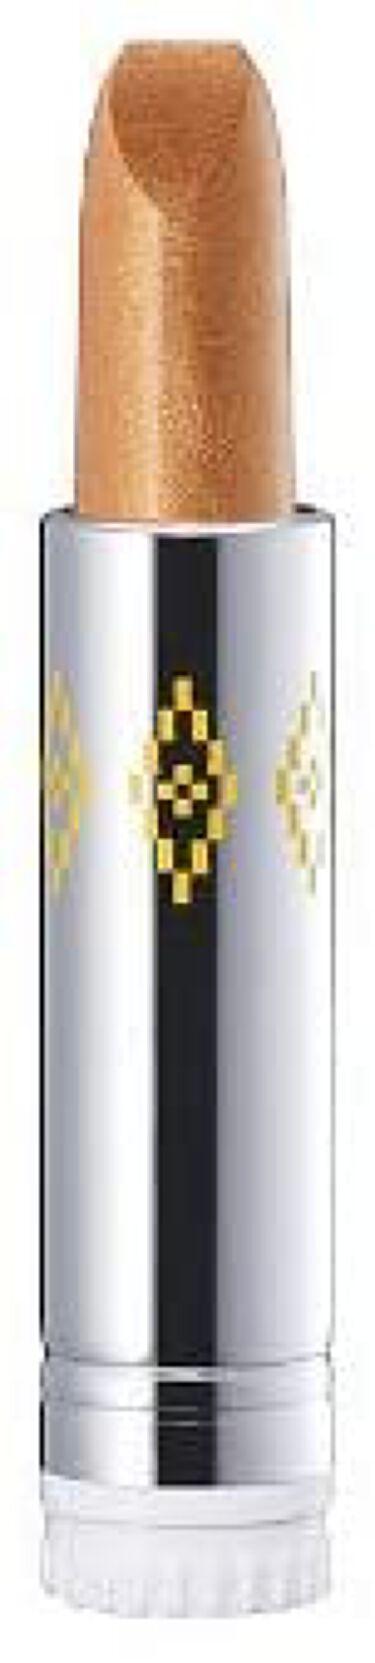 口紅(詰替用) 002 ゴールド系ラメ(限定)